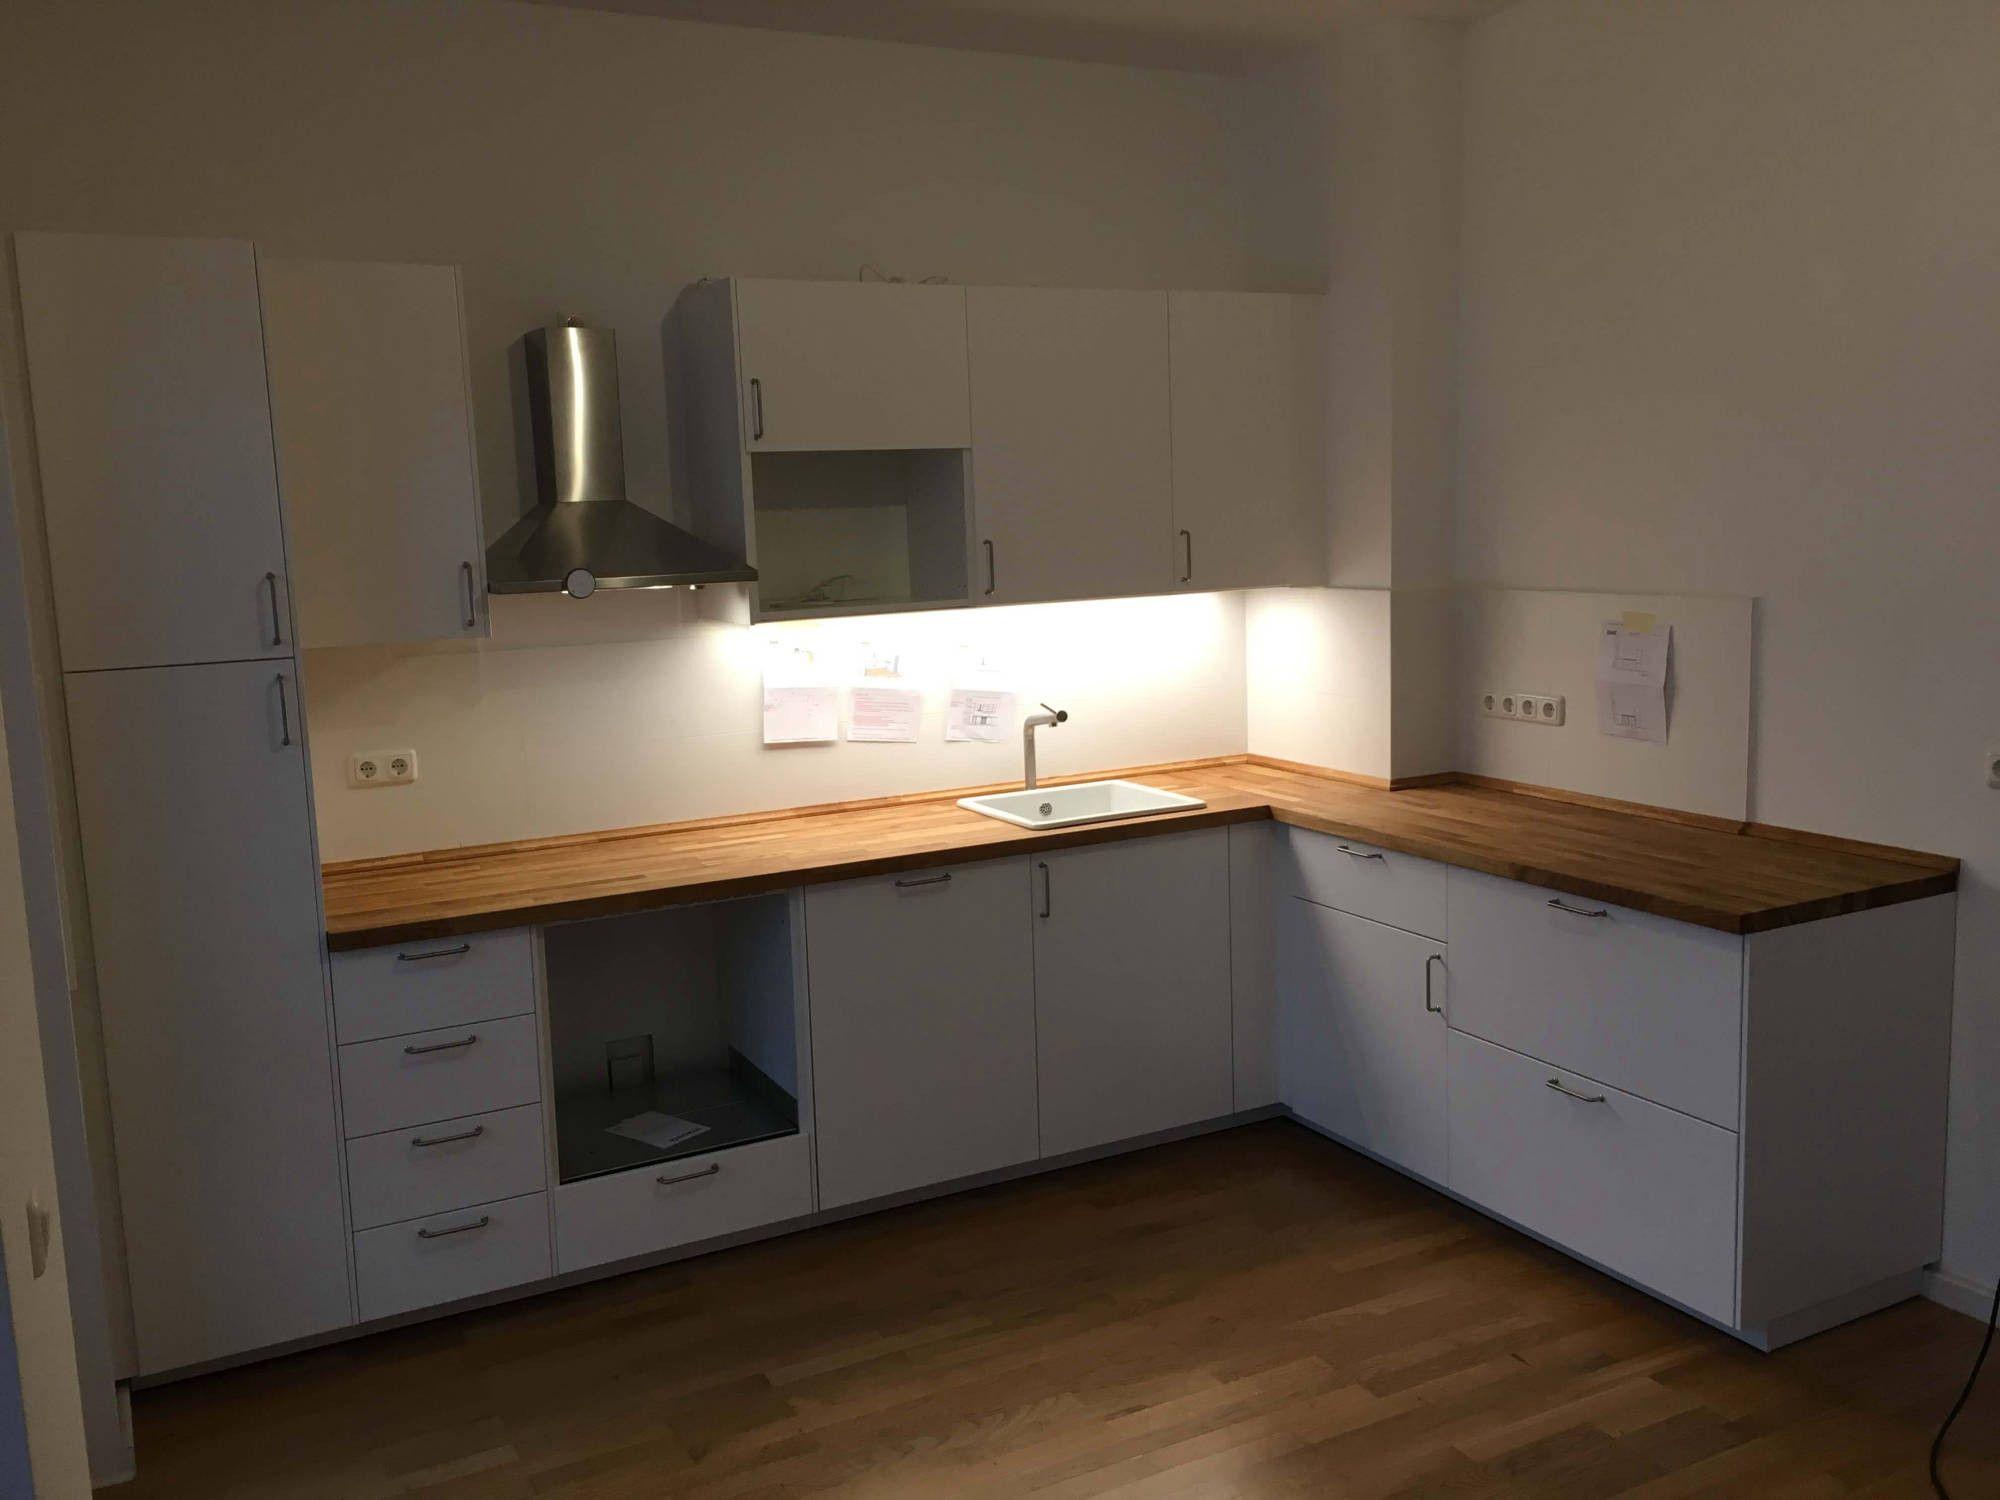 Ikea Küchenmontage Erfahrungen Awesome Erfahrung Ikea ...